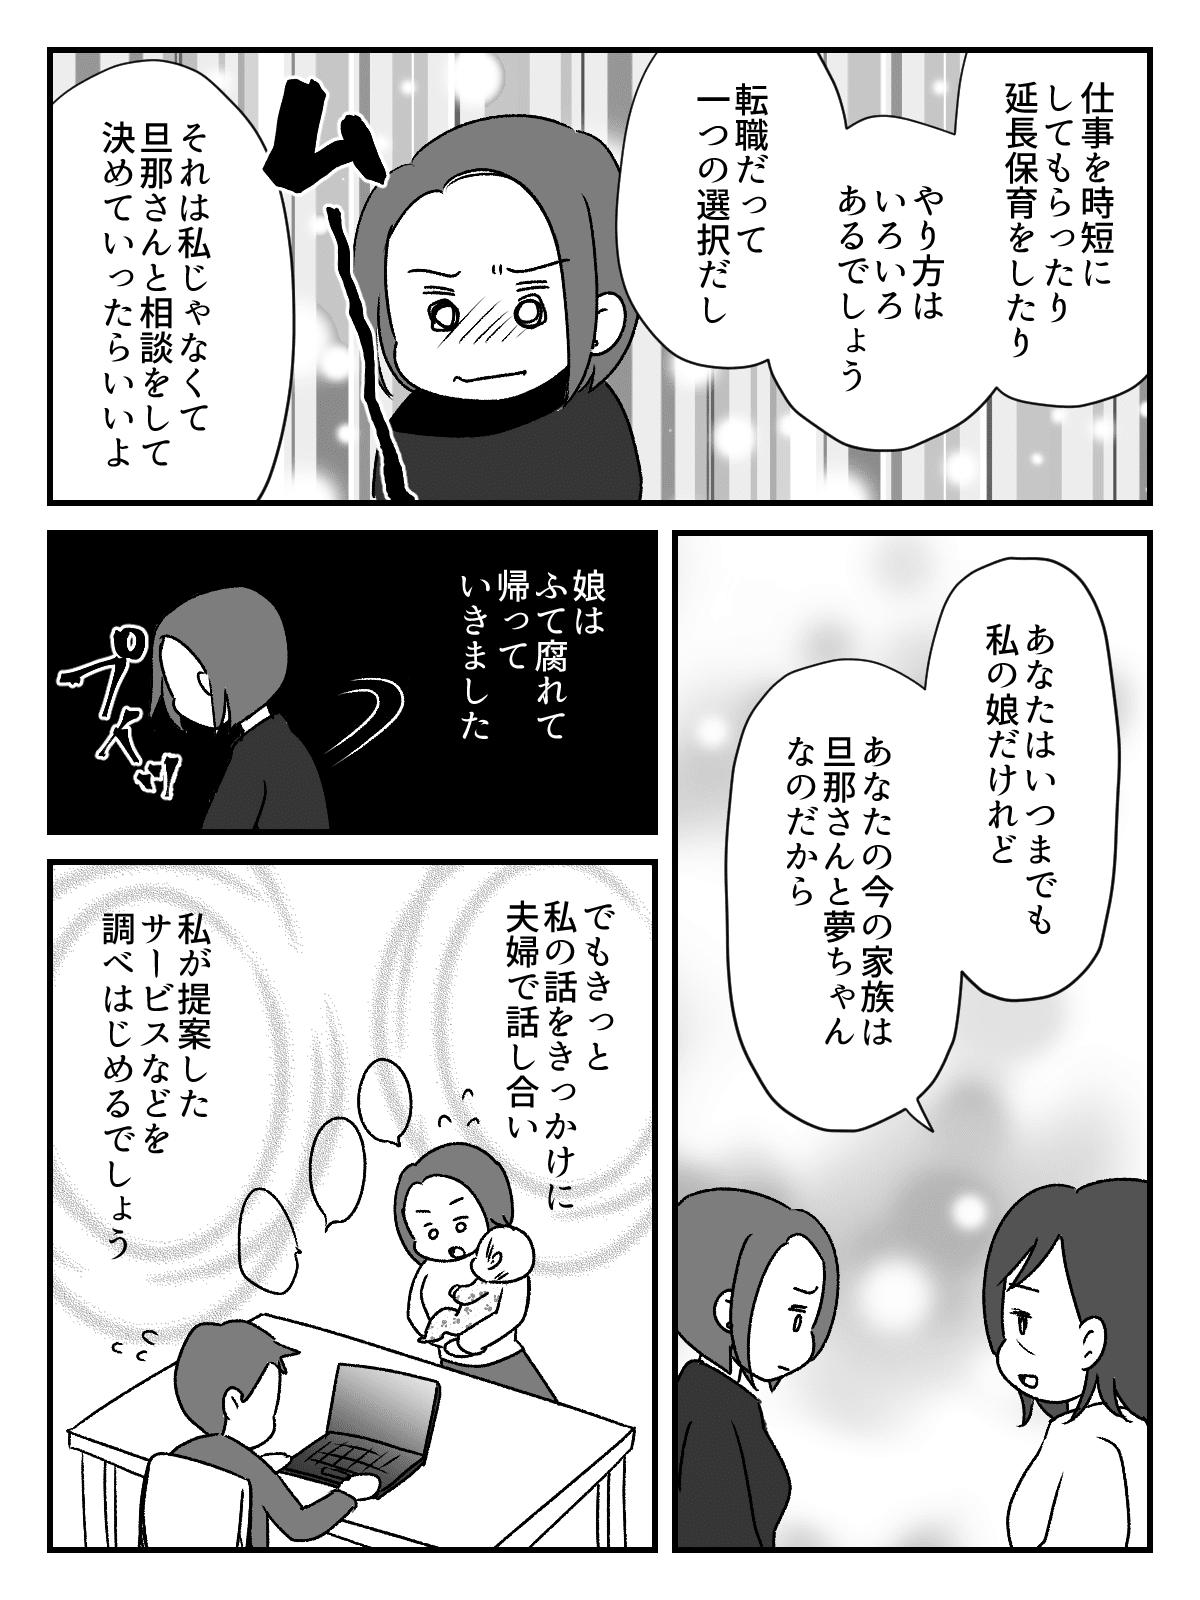 娘から平日孫の_出力_006